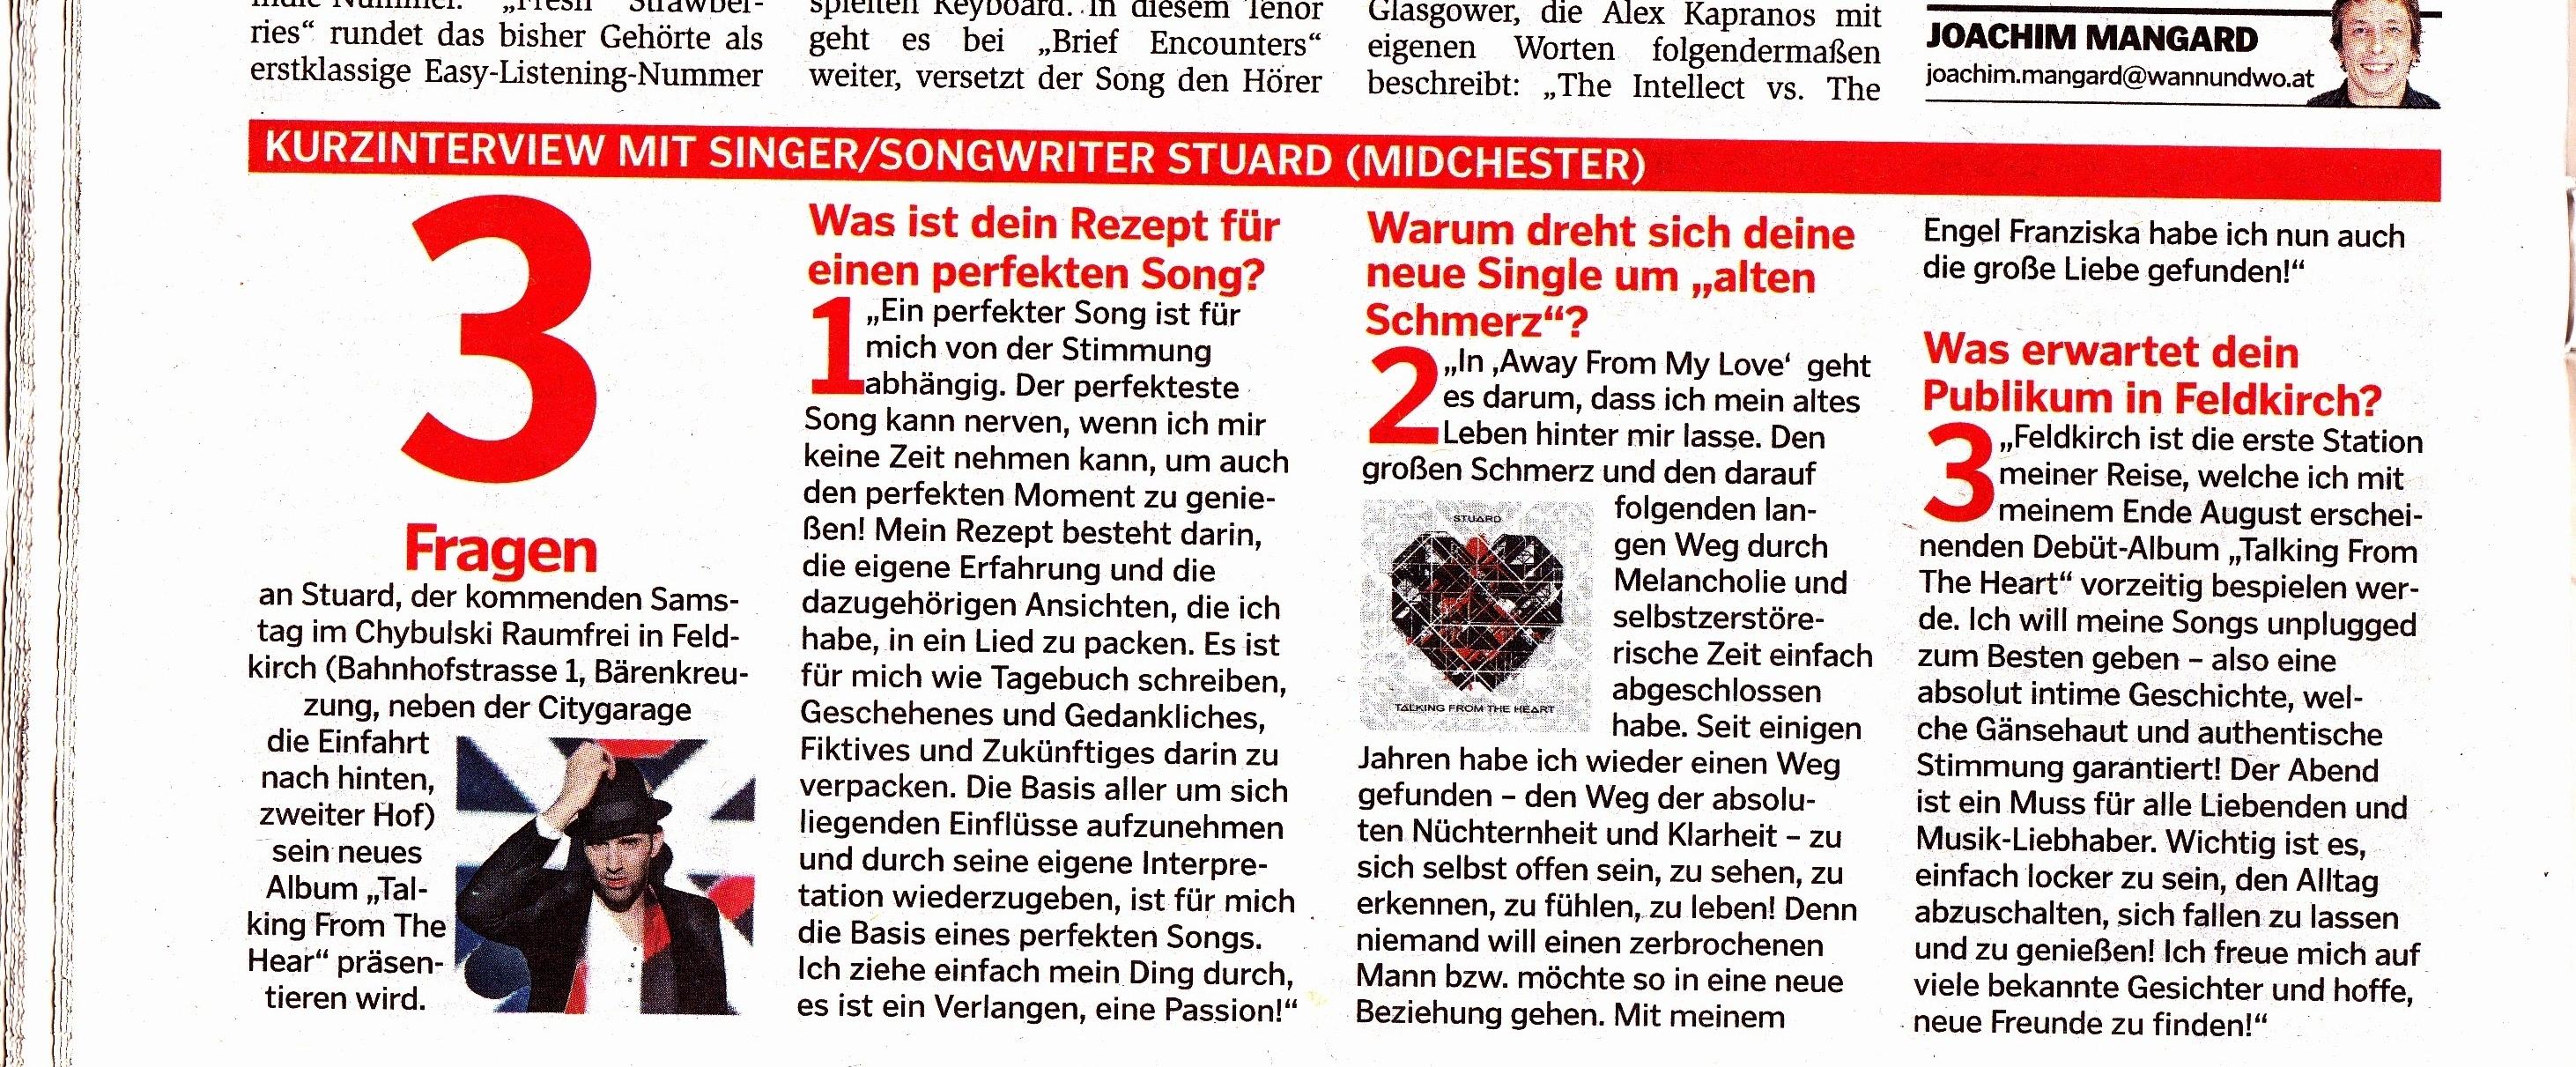 STU▲RD KURZINTERVIEW Wann&Wo 21.08.2013.